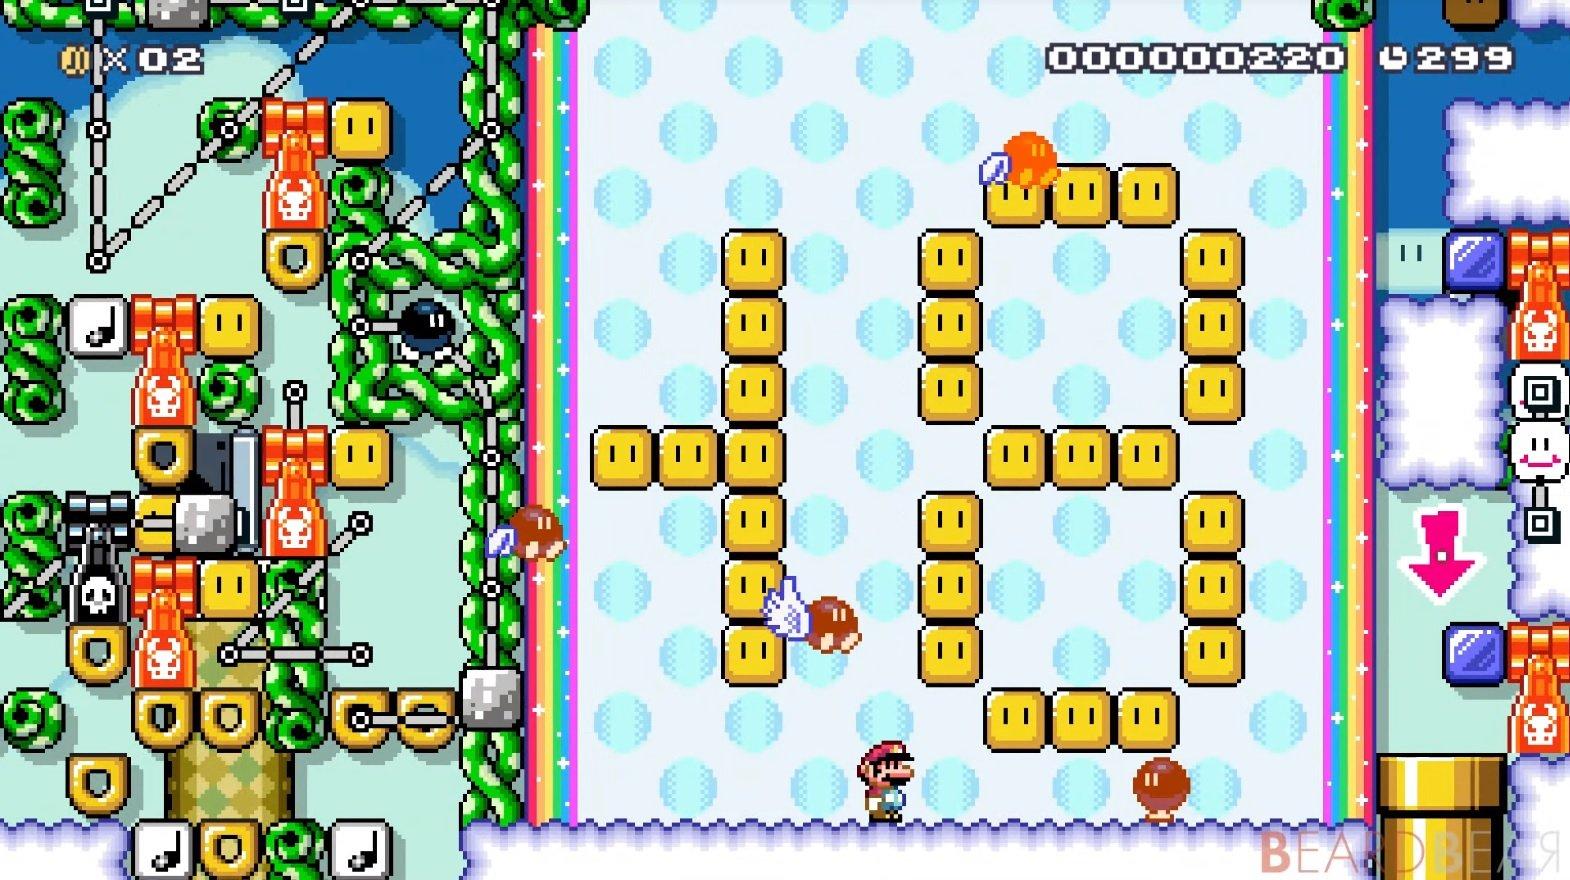 Cette calculatrice fonctionnelle dans Mario Maker 2 est absurde.